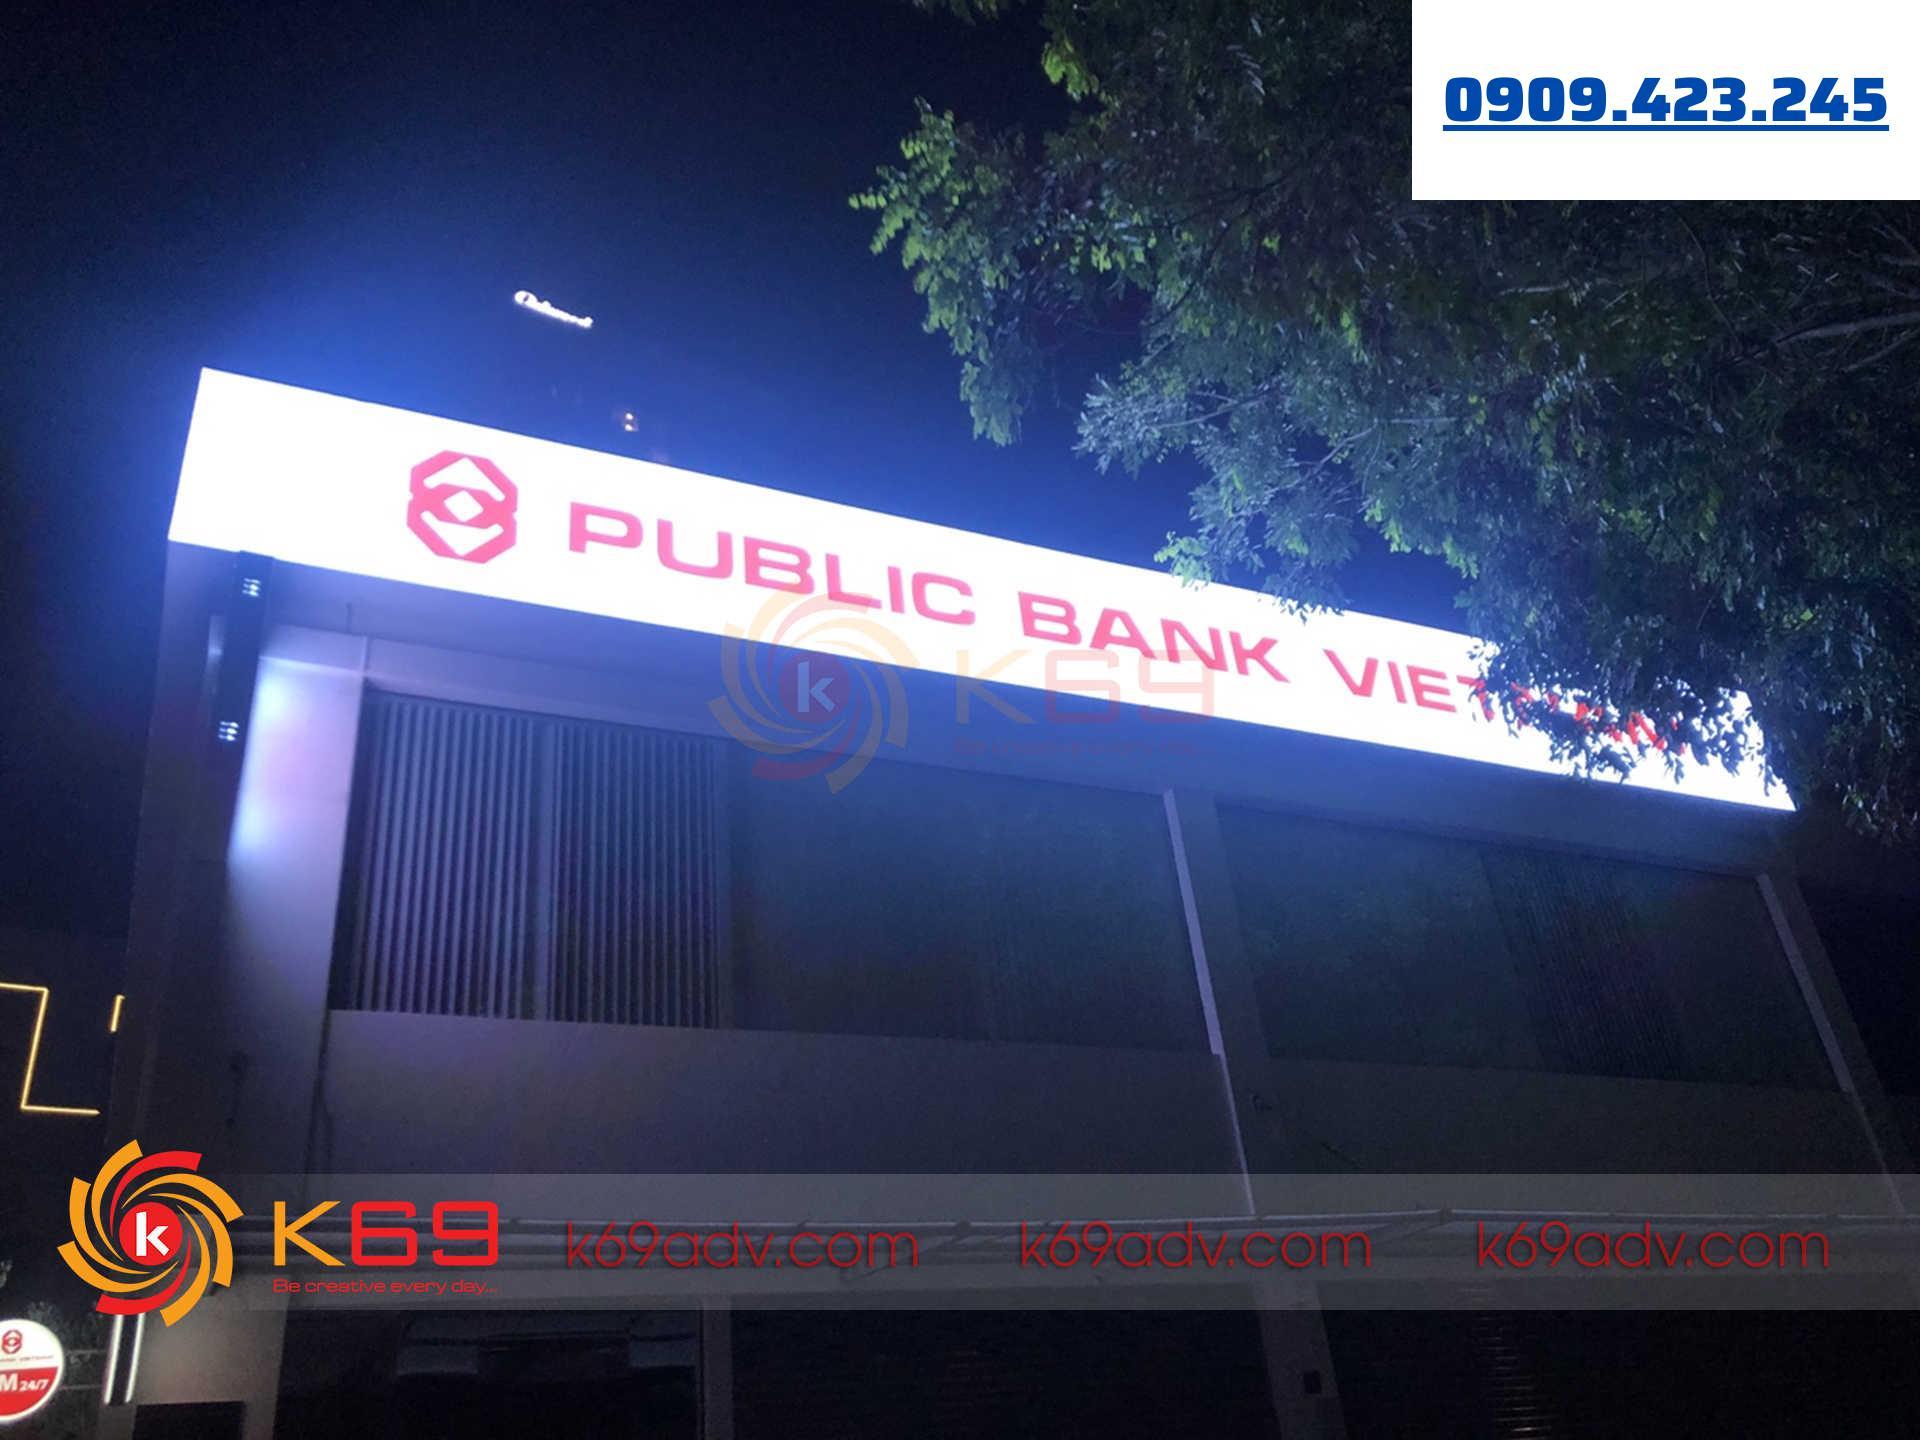 Làm bảng hiệu hộp đèn bạt 3m cao cấp tại K69ADV